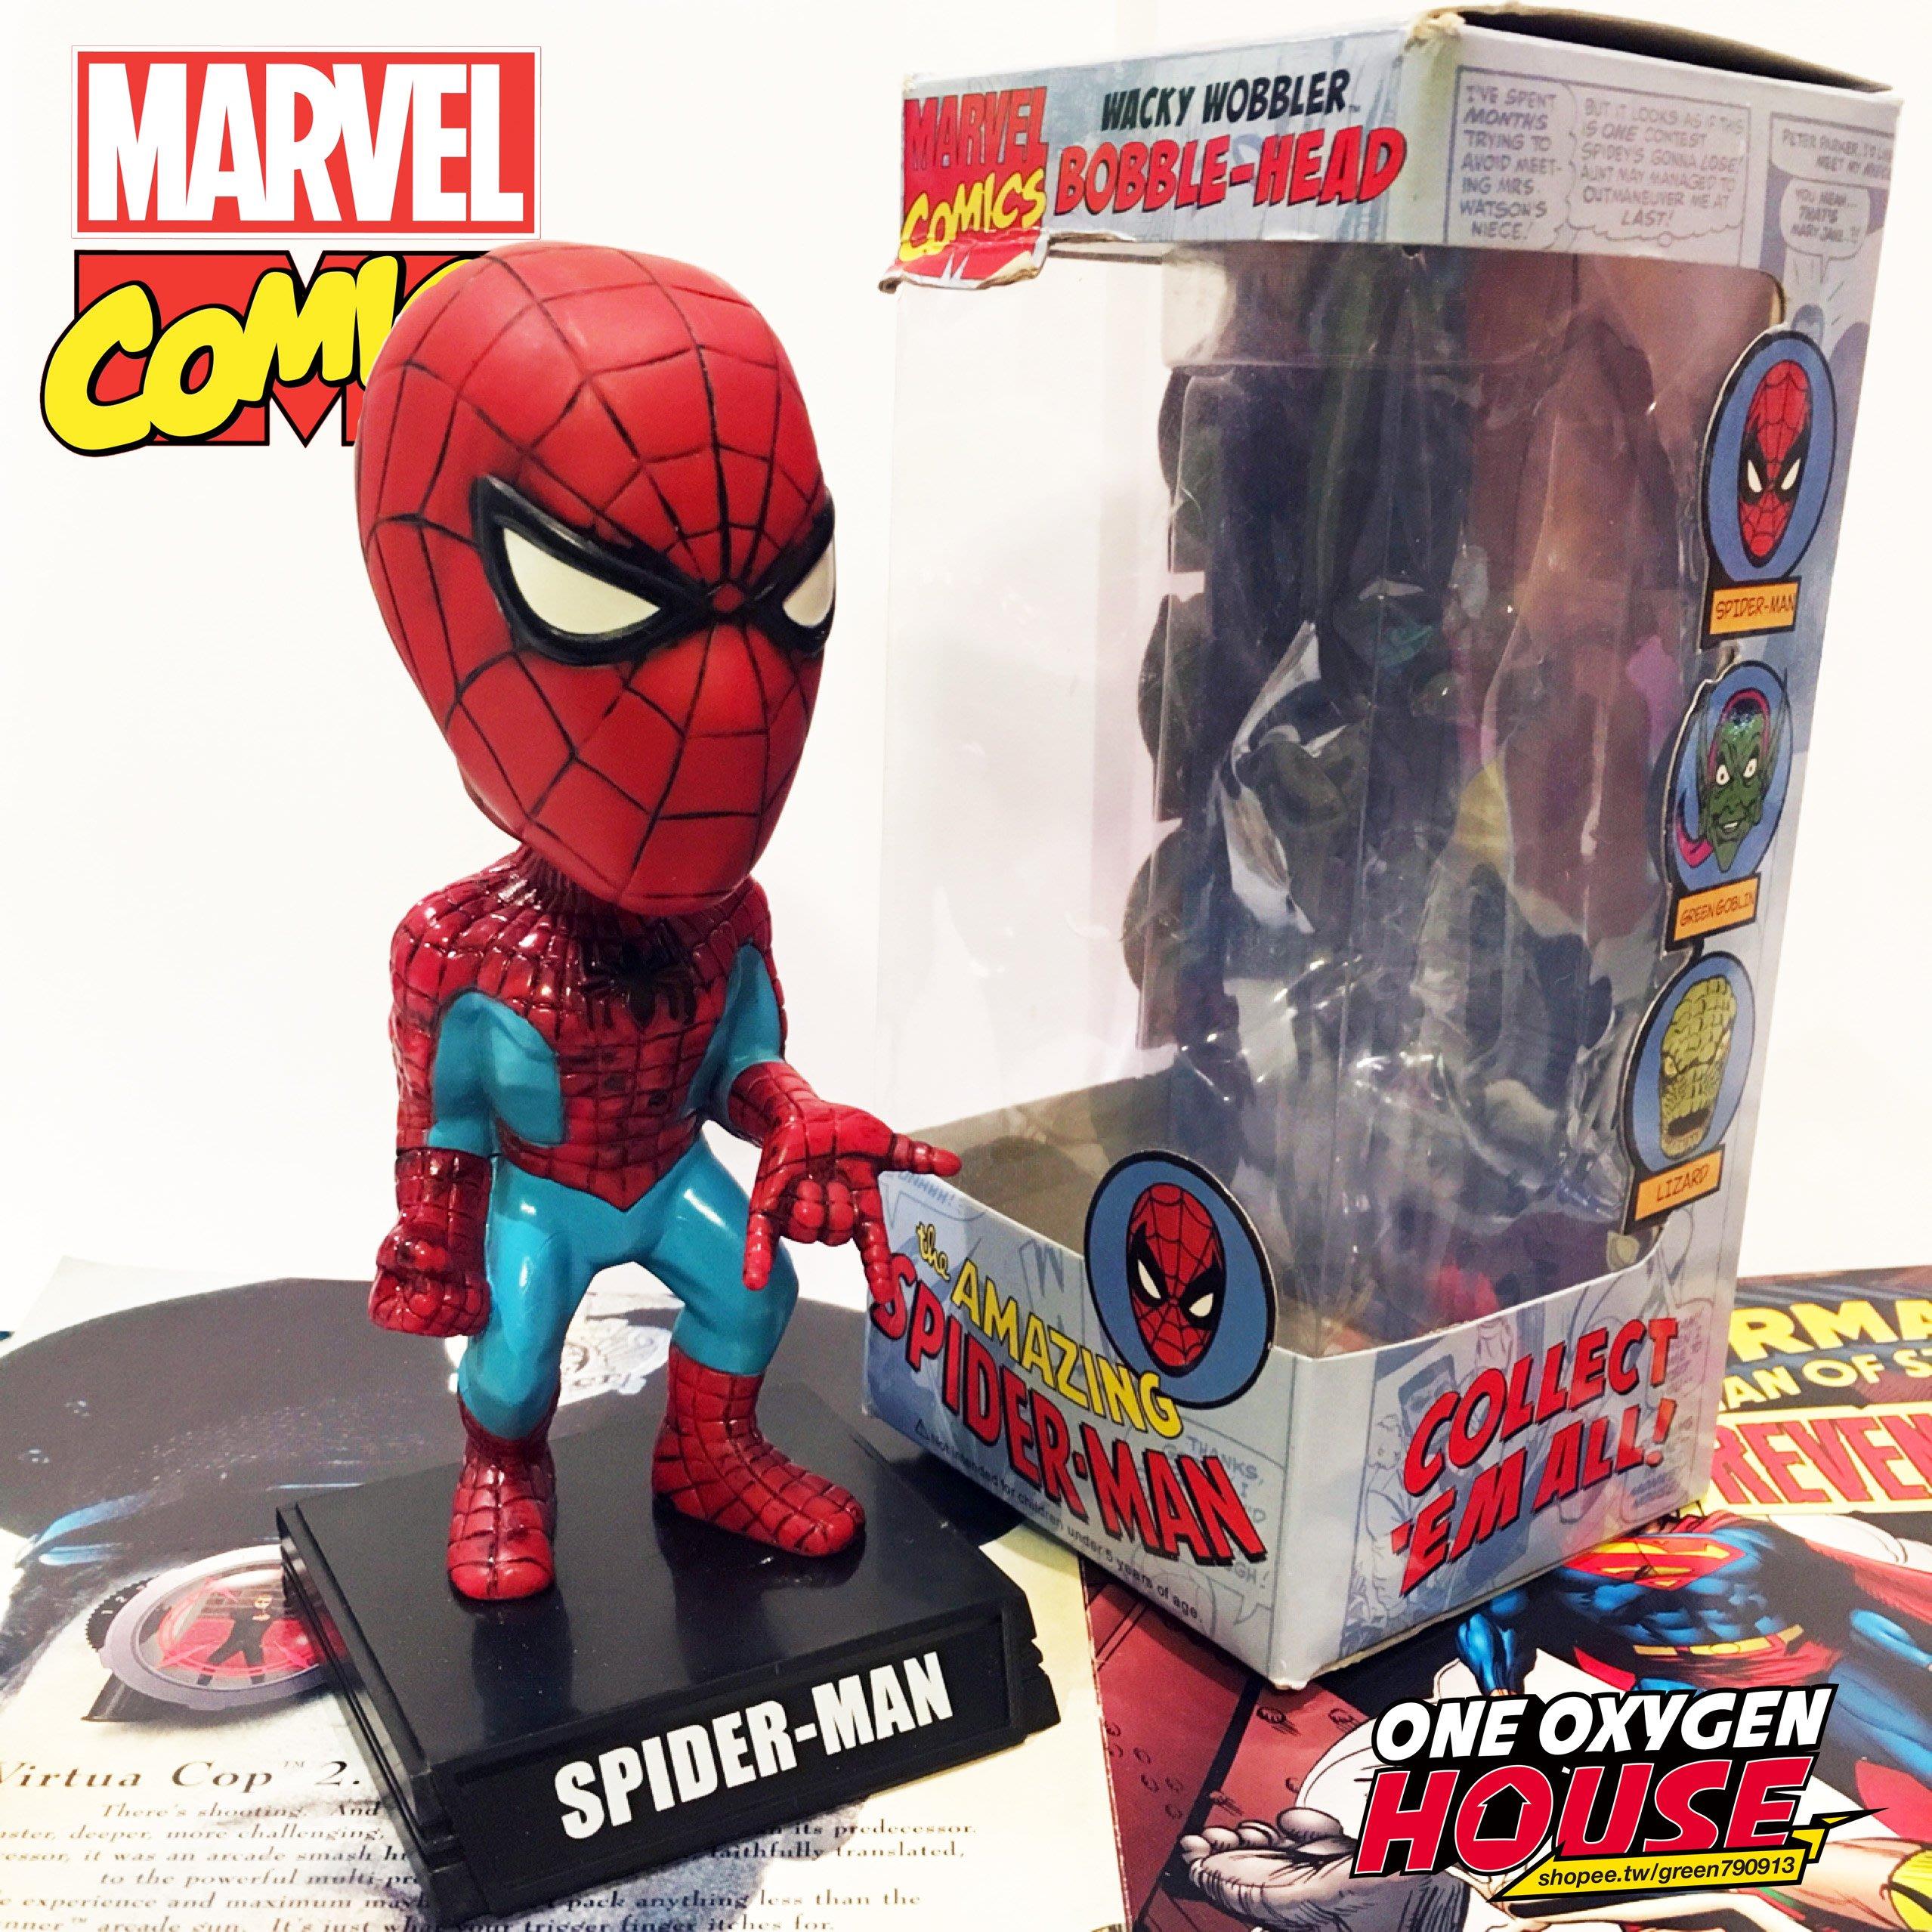 美國 2009S MARVEL 蜘蛛人 絕版 搖頭娃娃 公仔 玩具 擺件 復古 老玩具